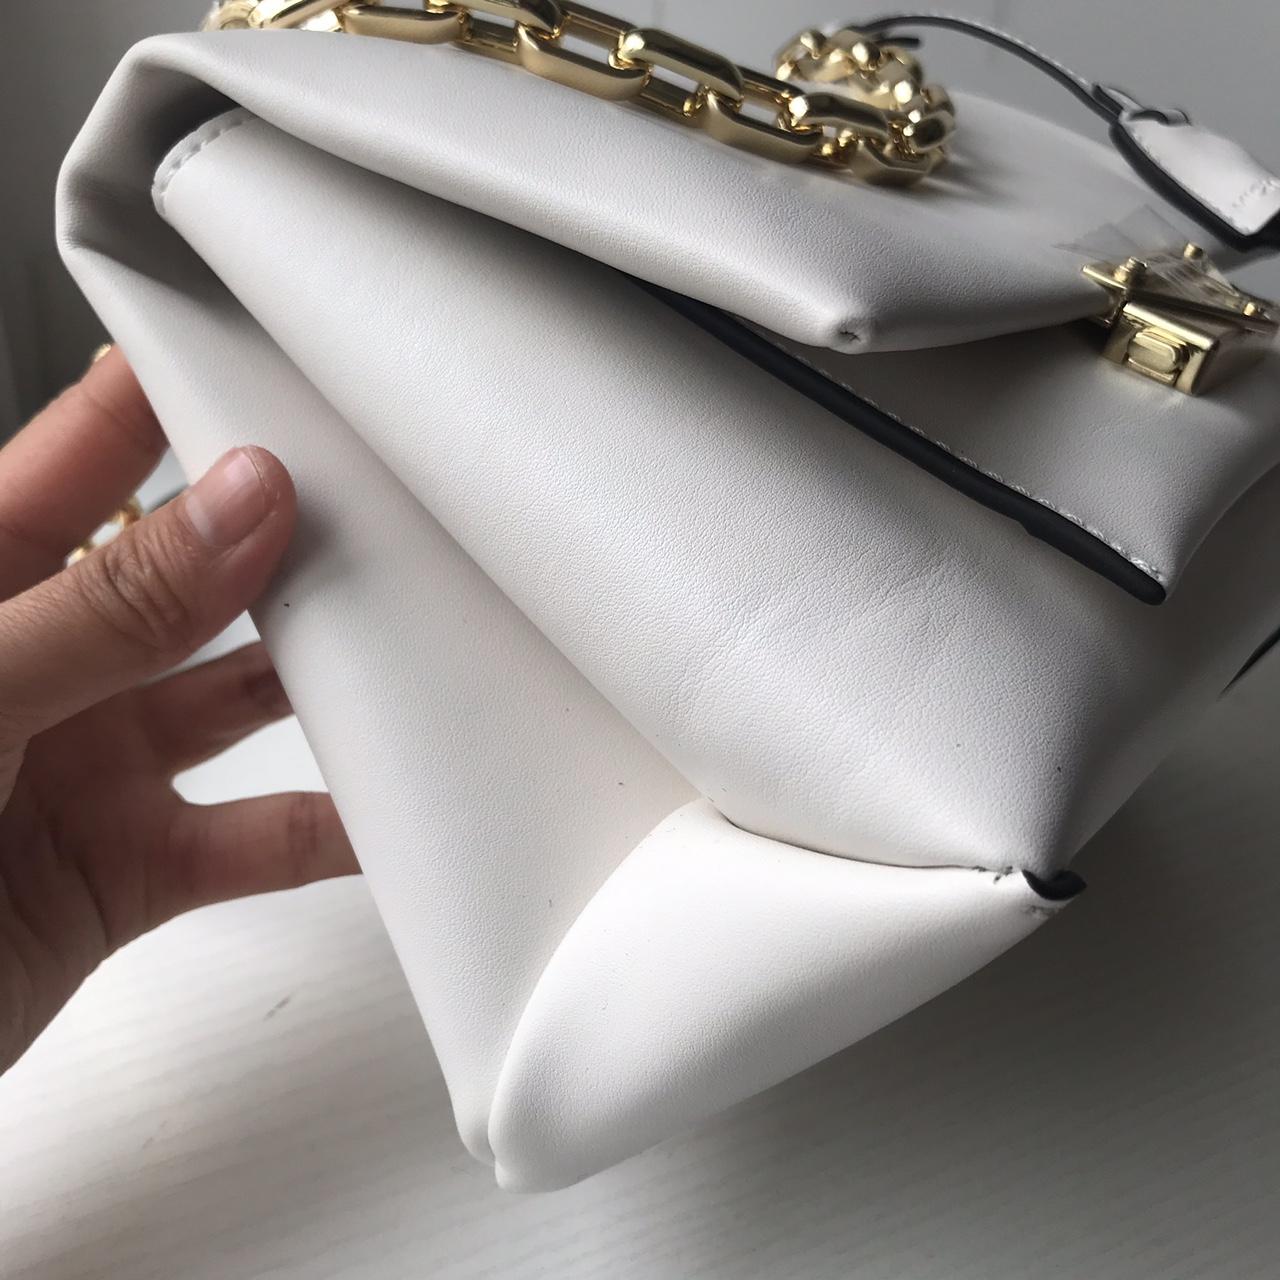 广州包包批发 MK迈克高仕2019新款进口纳帕牛皮杨幂同款Cece链条单肩包 白色